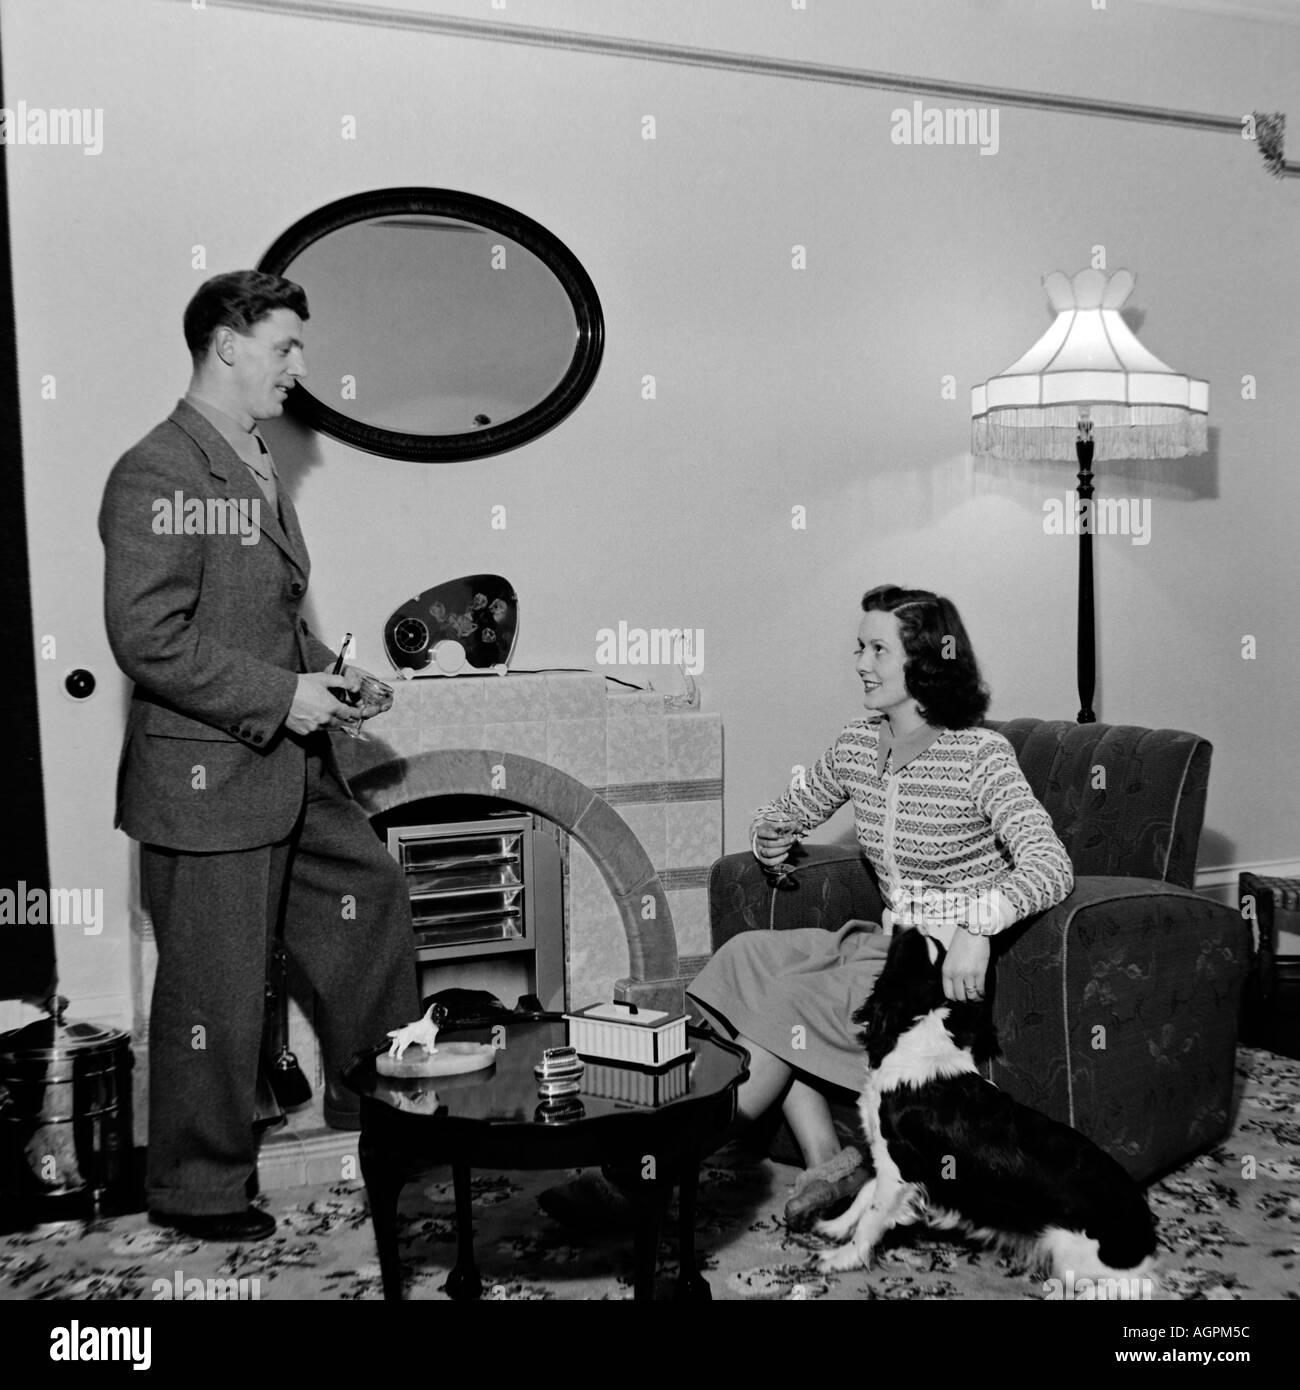 Alte Vintage Black And White Family Snapshot Foto Ehepaar Im